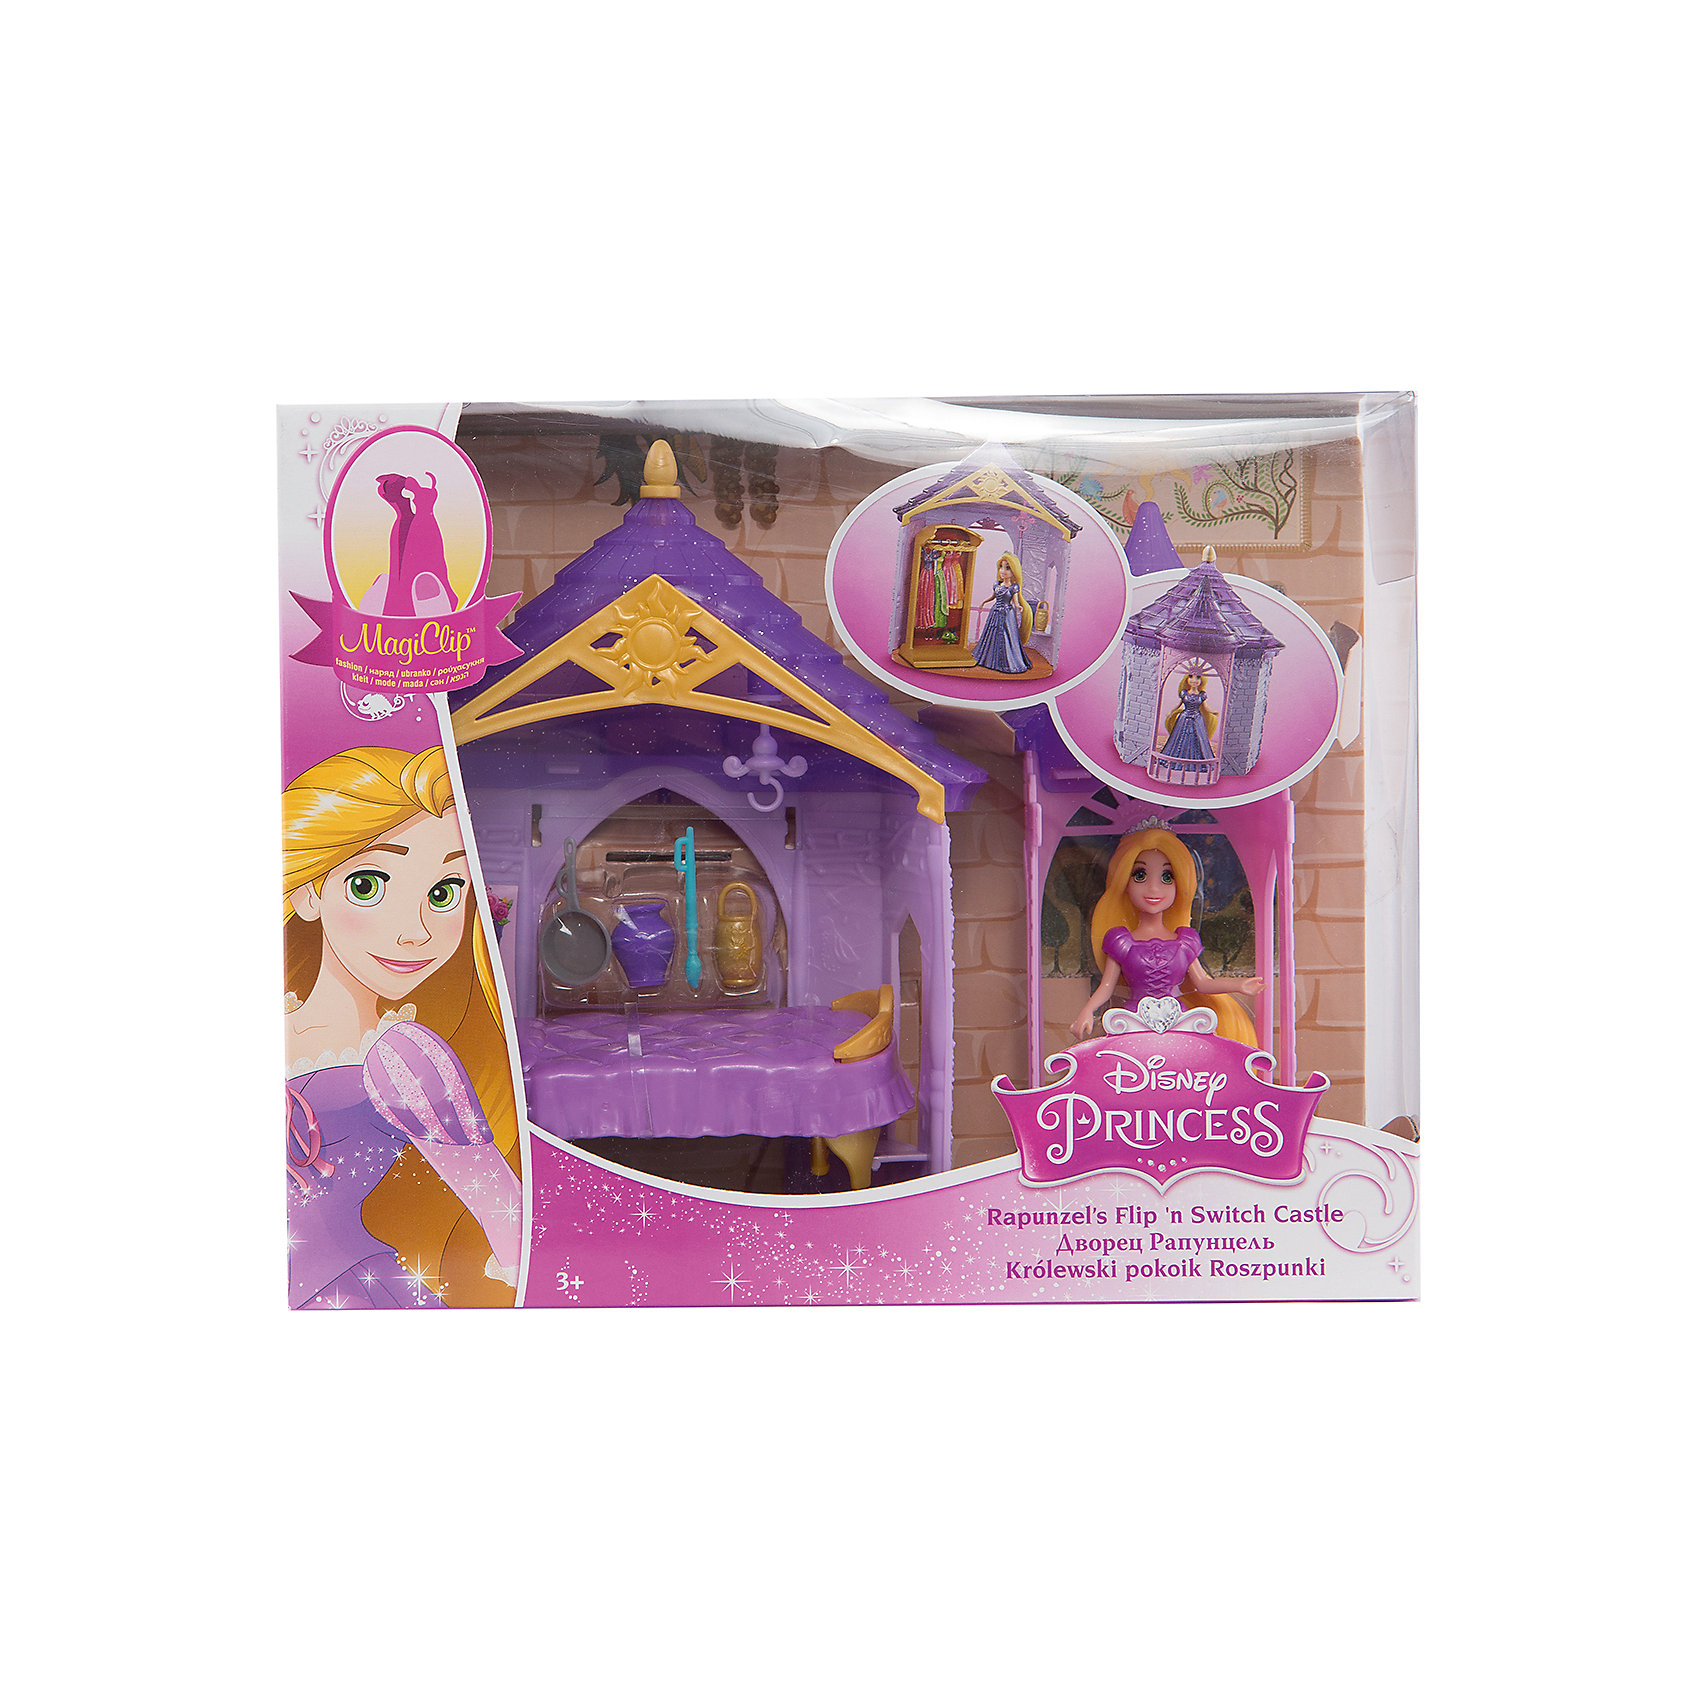 Mattel Набор Комната принцессы Рапунцель, с куклой и аксессуарами, Disney Princess mattel принцесса c домиком и аксессуарами принцессы дисней